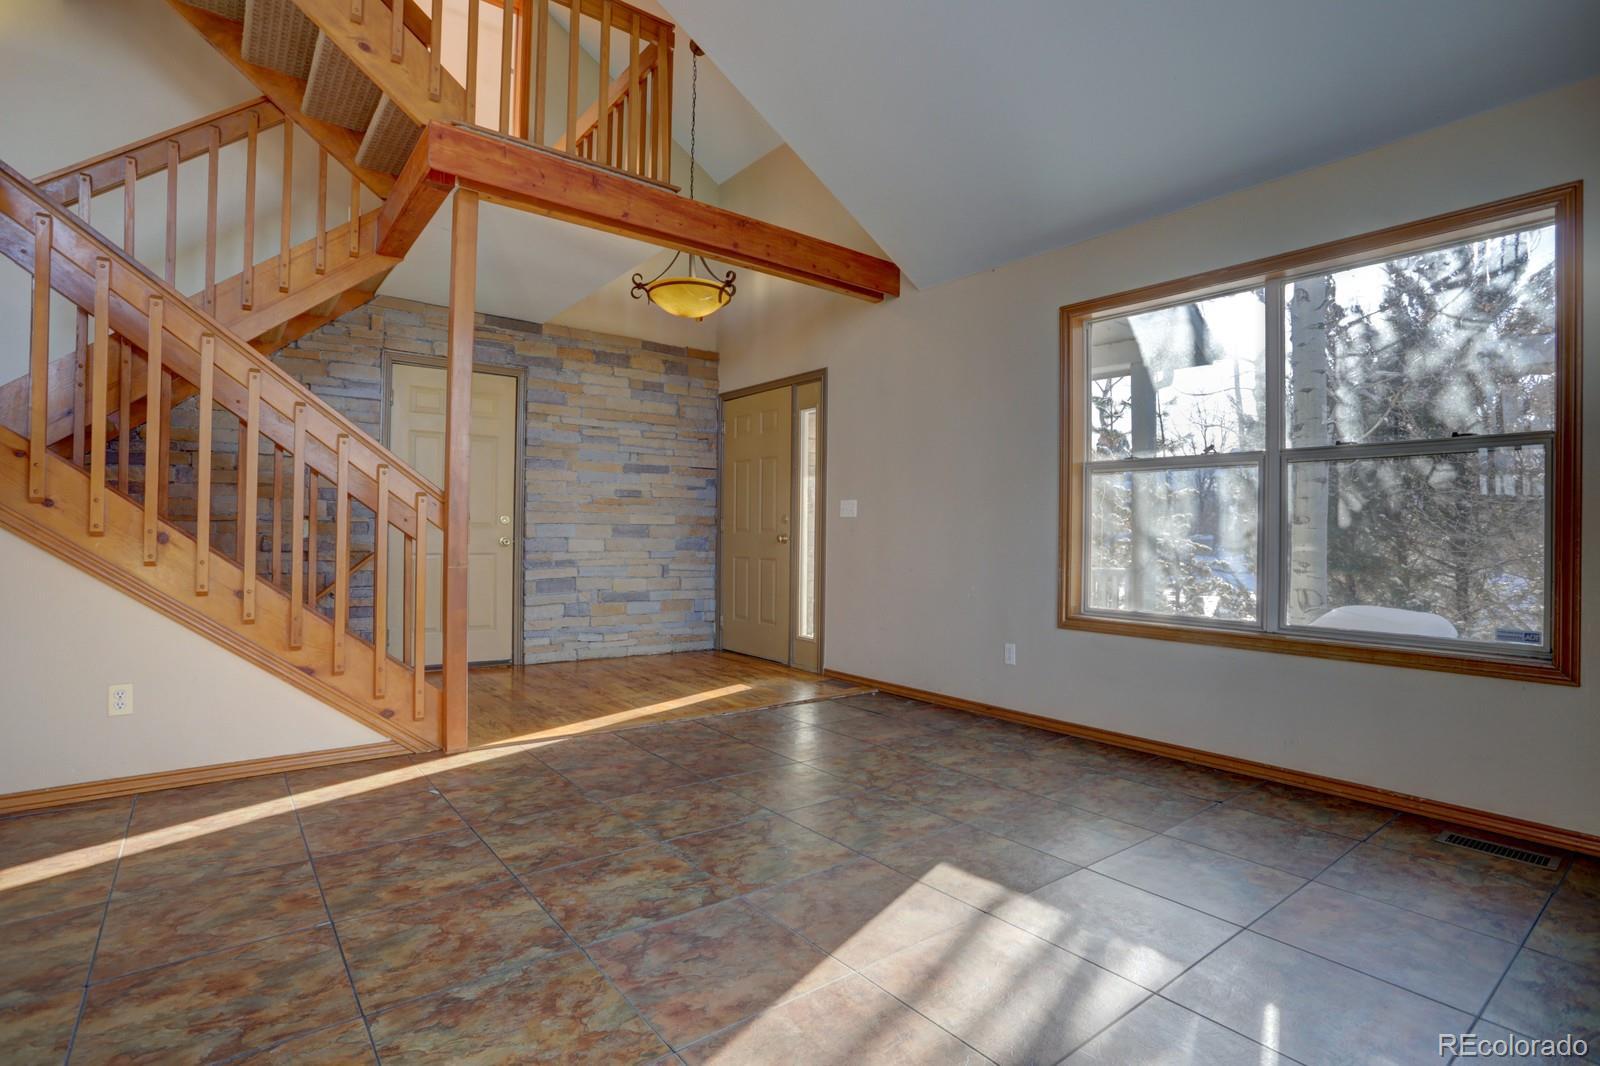 MLS# 5345837 - 6 - 5740 Slick Rock Court, Boulder, CO 80301